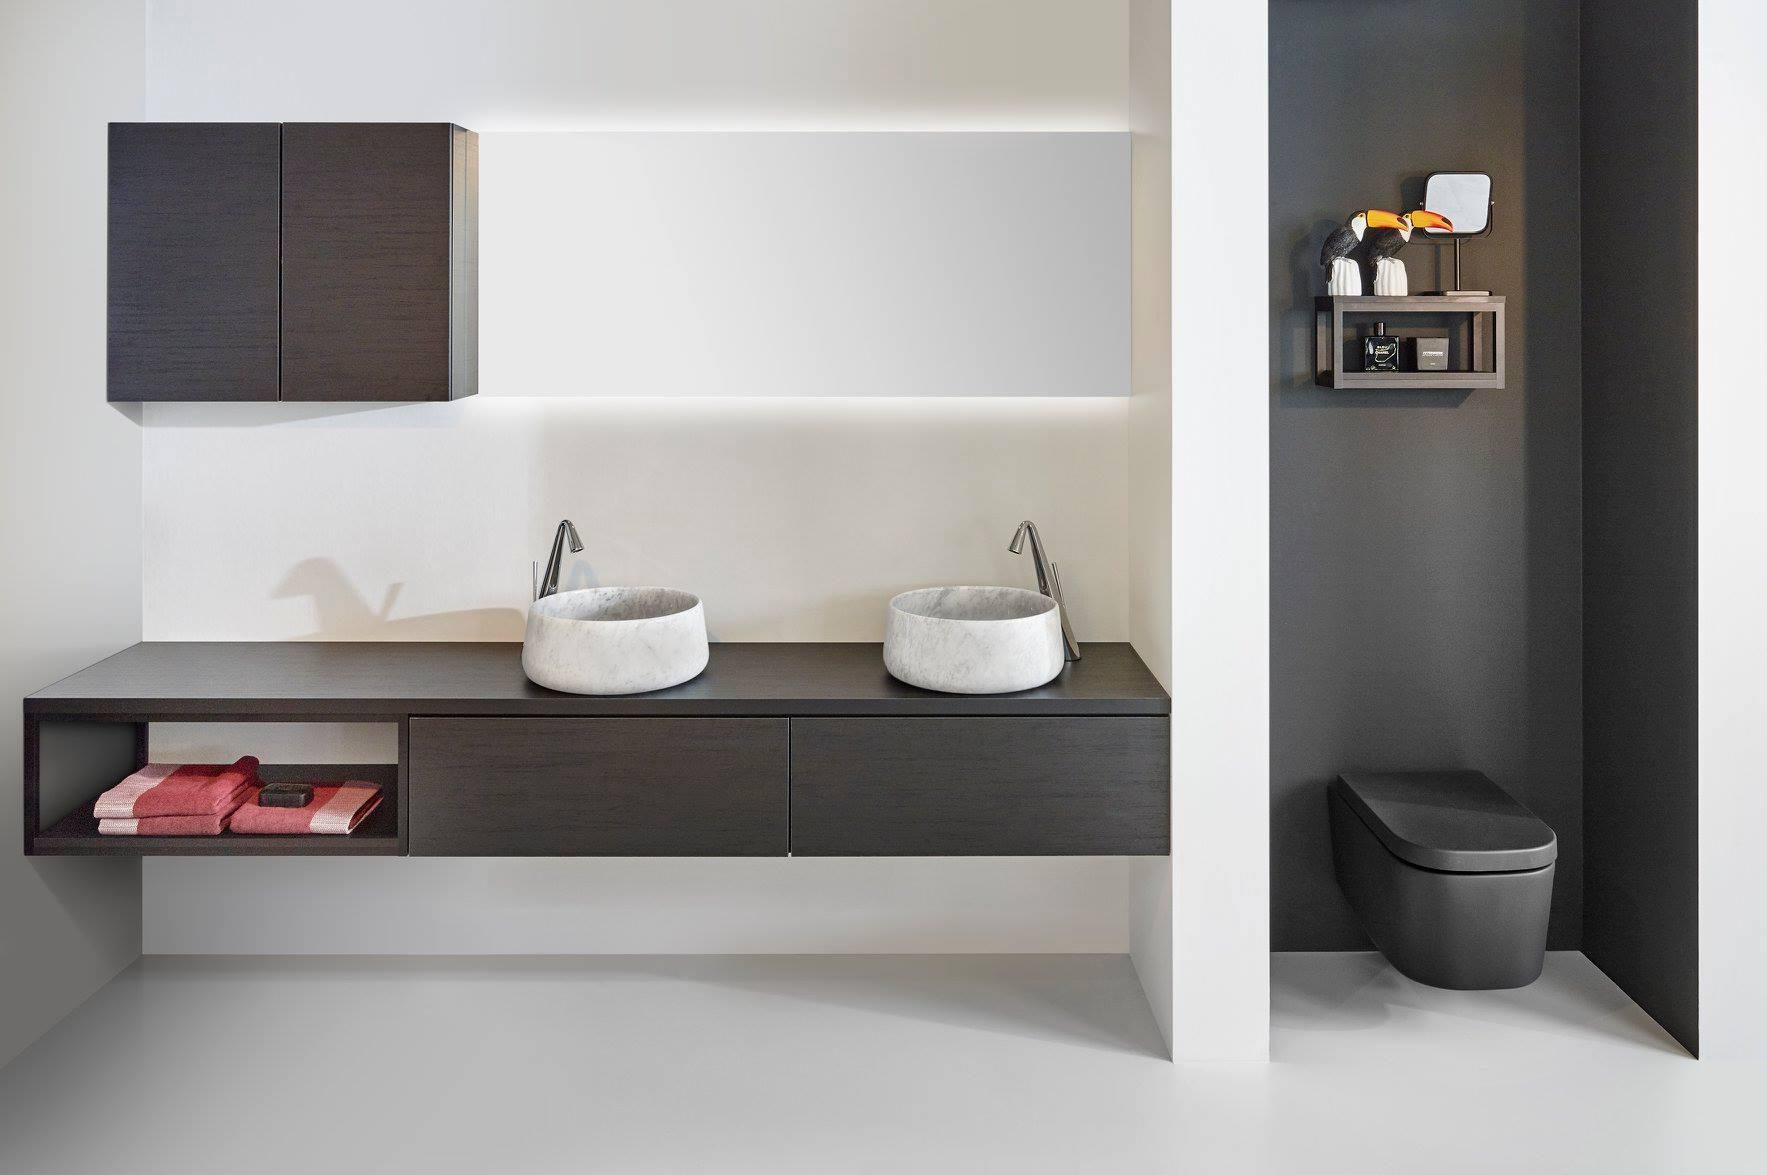 Badkamerinspiratie. Badkamermeubel volgens de laatste badkamertrends. Architect van Detremmerie #detremmerie #badkamer #badkamertrends #badkamerinspiratie